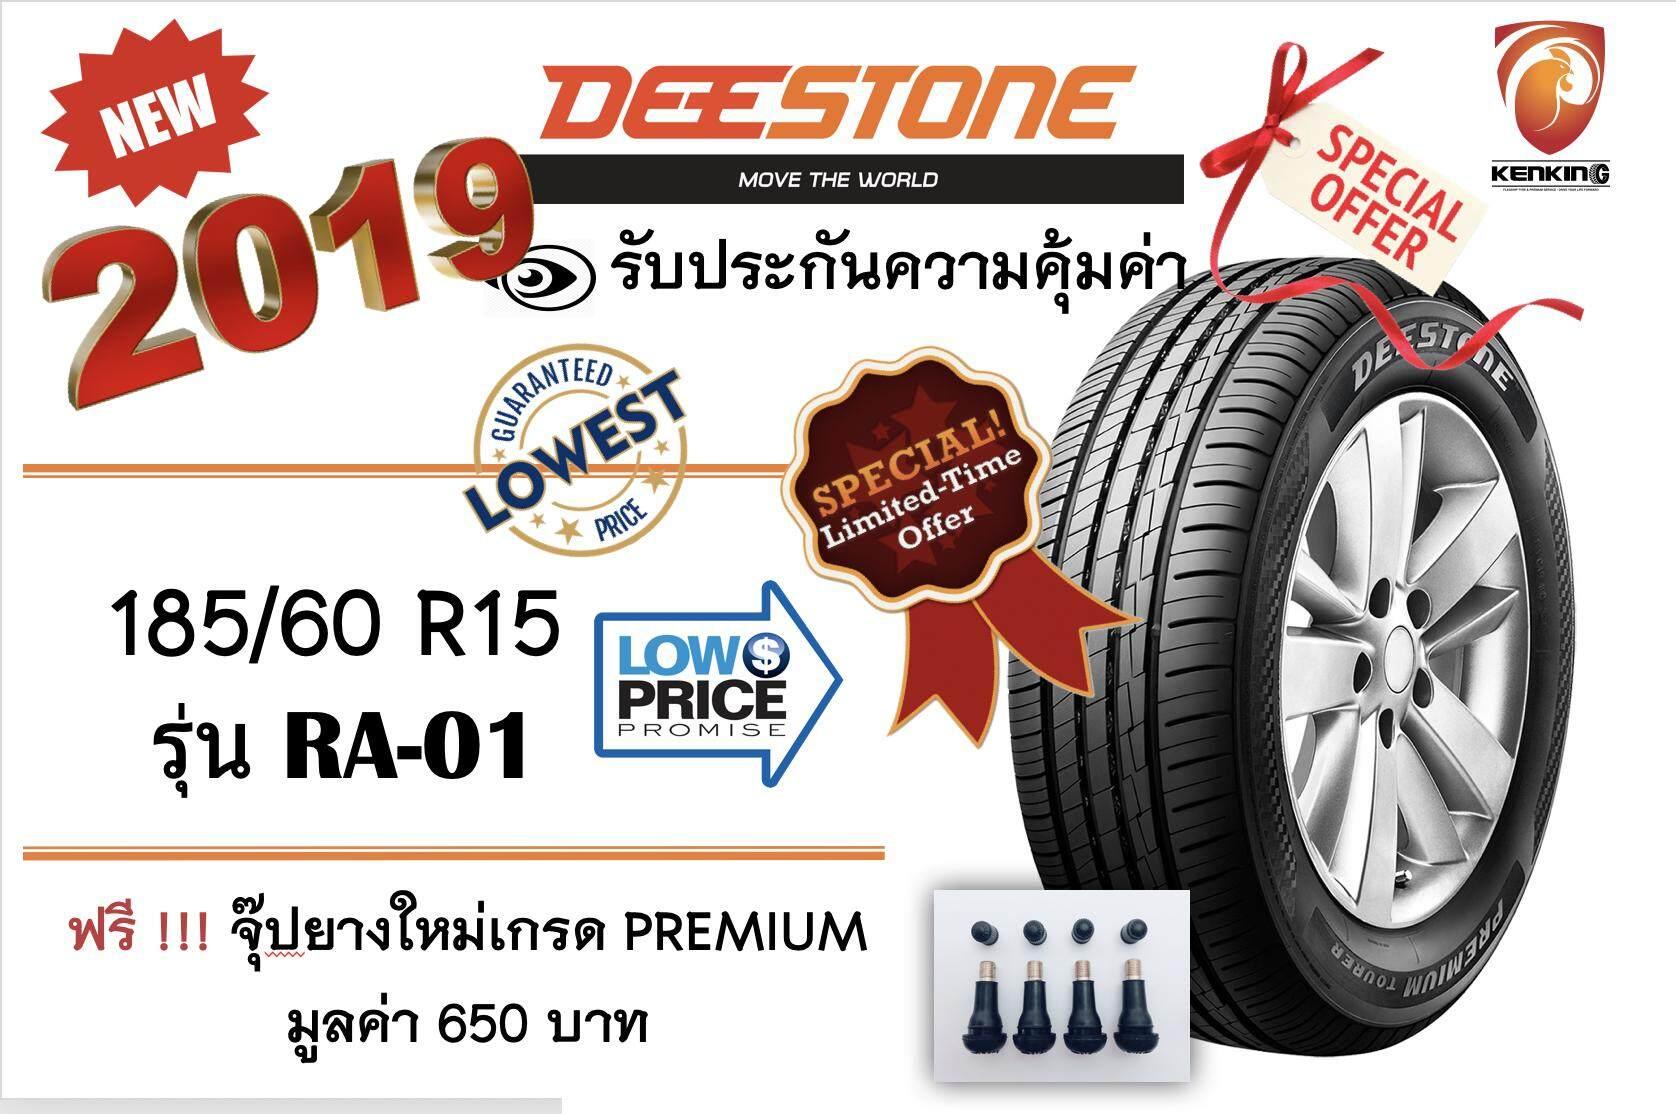 ประกันภัย รถยนต์ 3 พลัส ราคา ถูก ประจวบคีรีขันธ์ ยางรถยนต์ขอบ15 Deestone 185/60 R15 RA-01 NEW!! 2019 ( 1 เส้น ) FREE !! จุ๊ป PREMIUM BY KENKING POWER 650 บาท MADE IN JAPAN แท้ (ลิขสิทธิแท้รายเดียว)